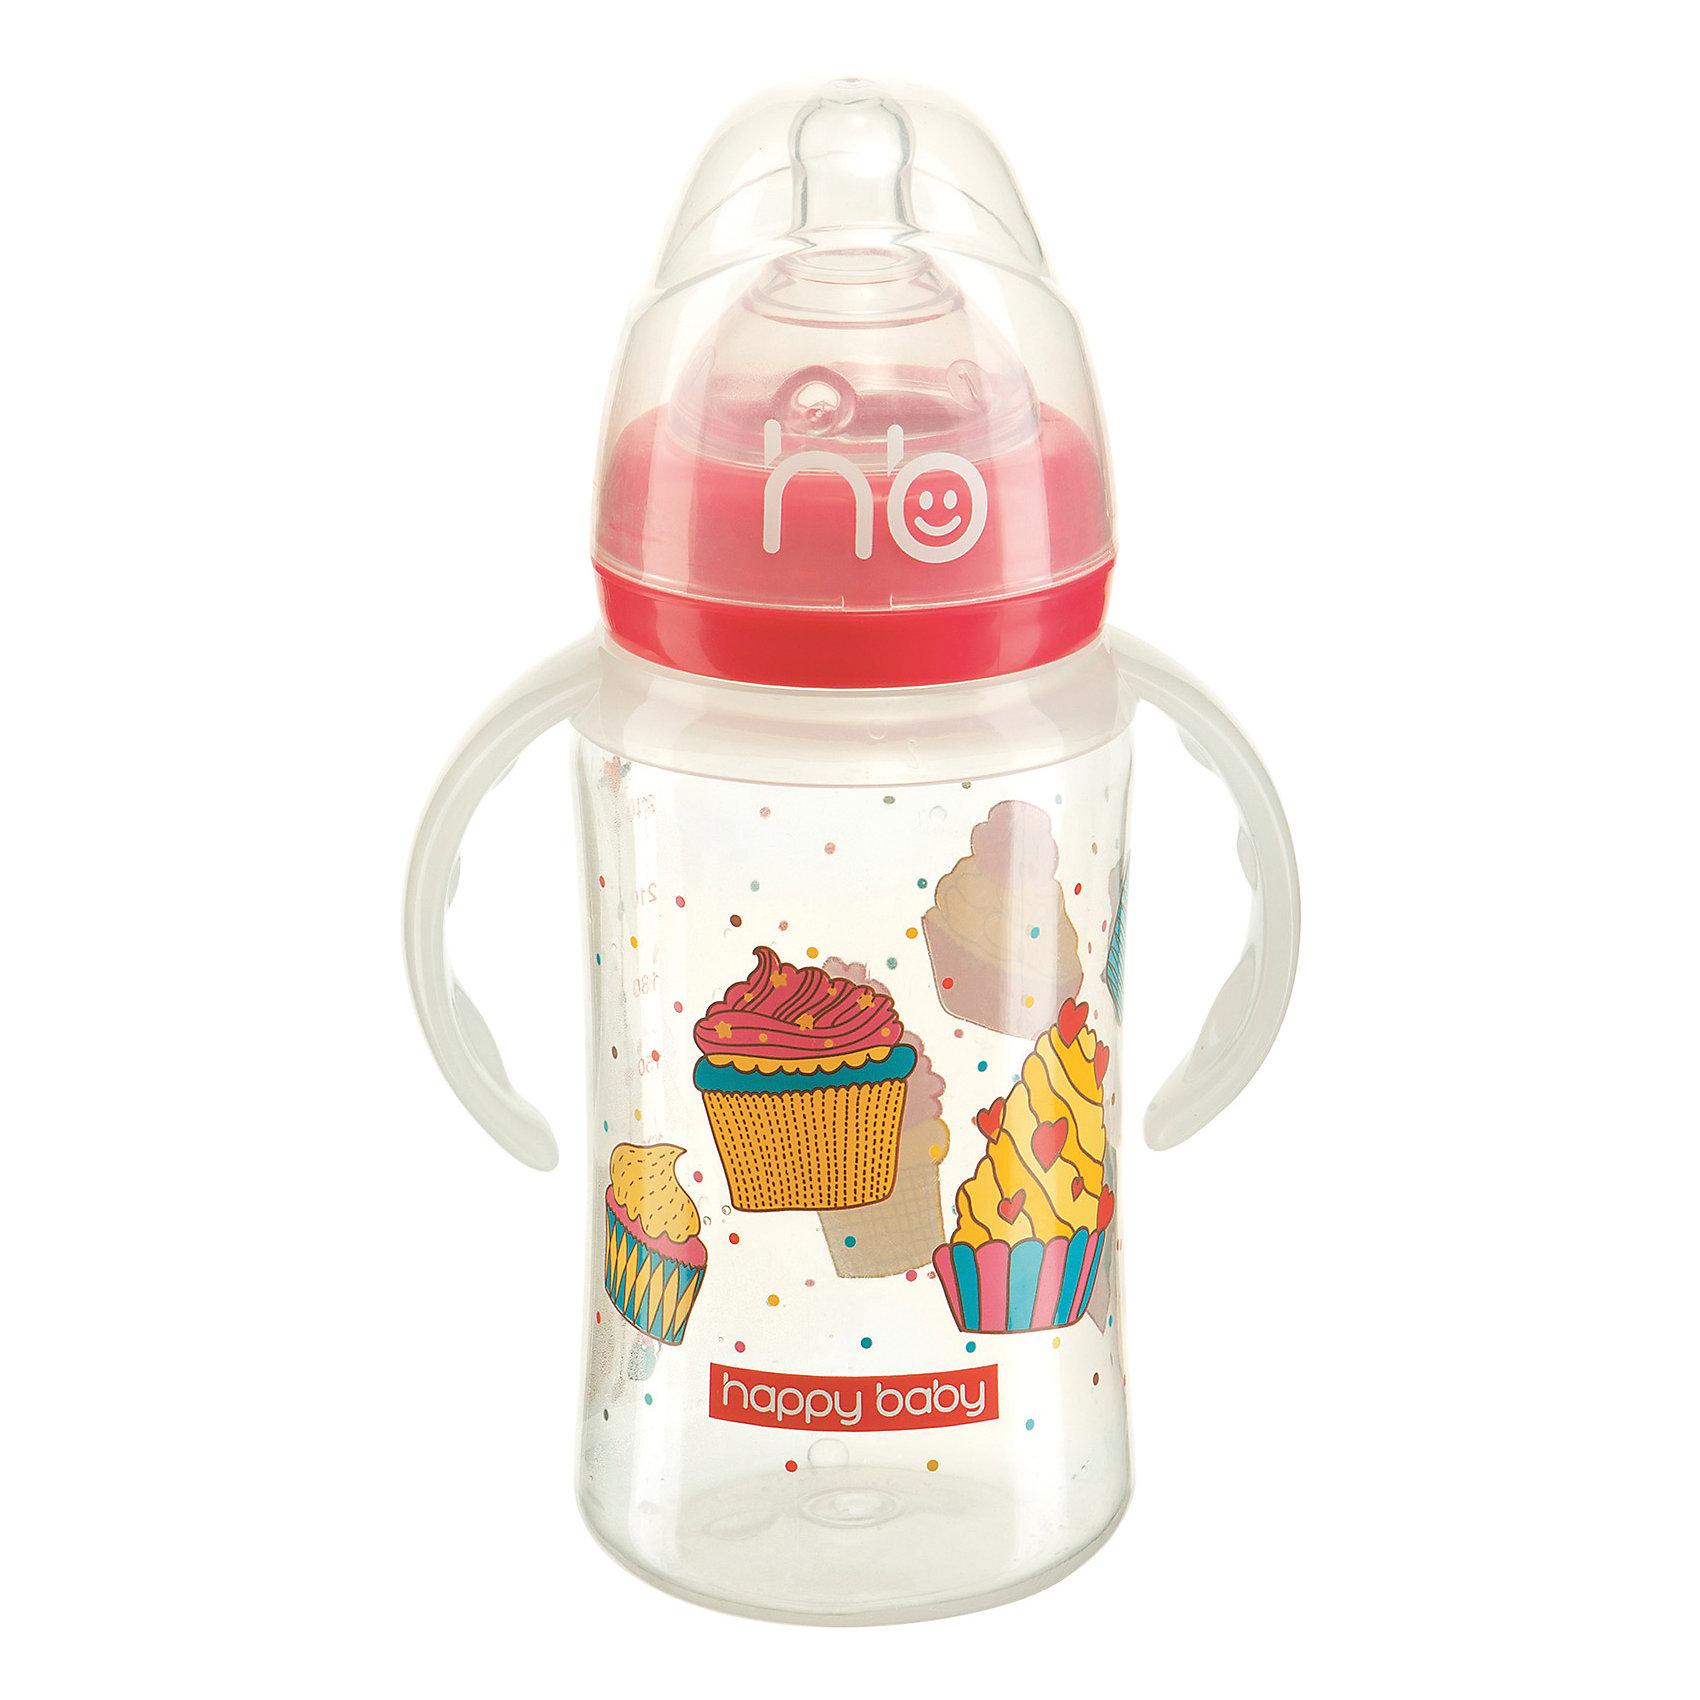 Happy Baby Бутылочка для кормления с ручками, 240 мл, Happy Baby, красный бутылочка для кормления happy baby с ручками 240 мл drink up соска в подарок